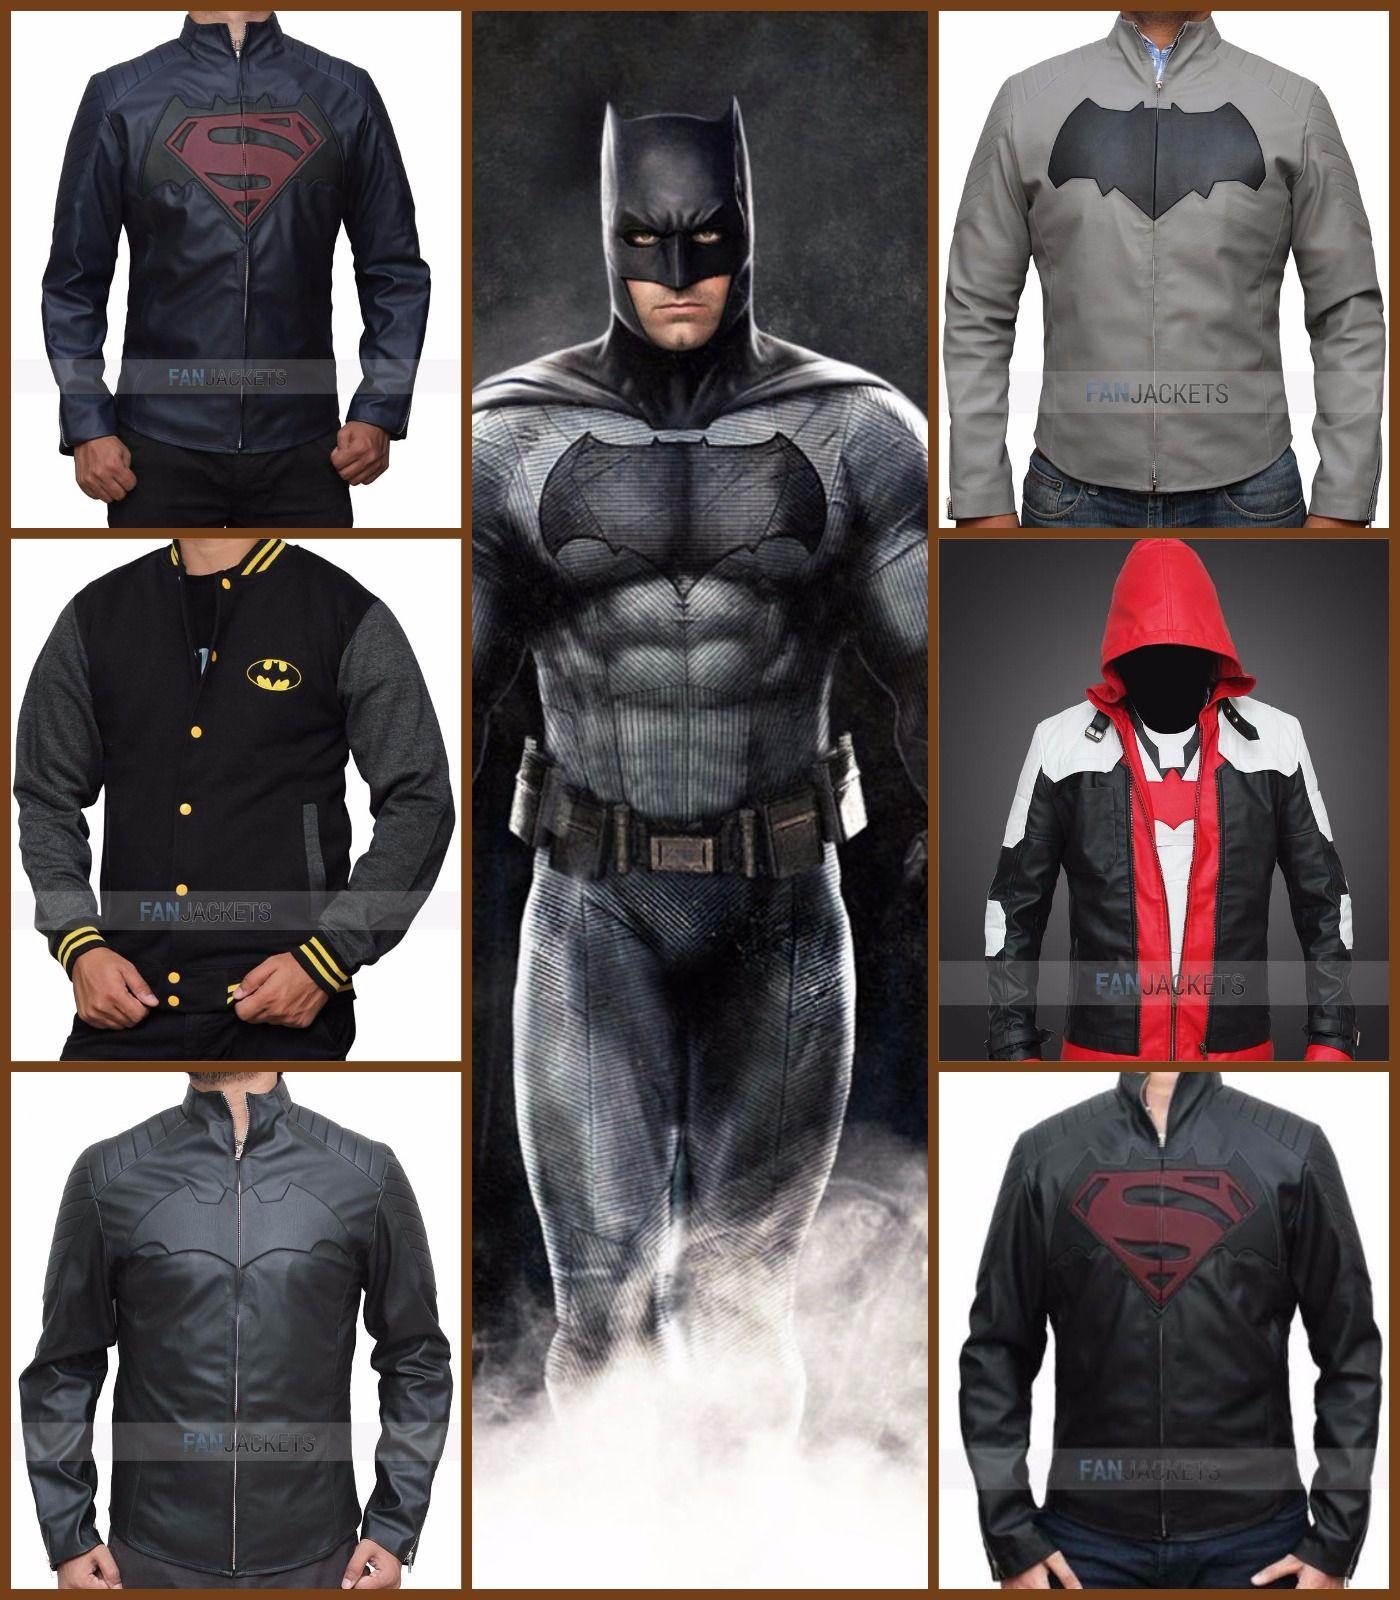 This broadens options in choosing your Favorite Jacket